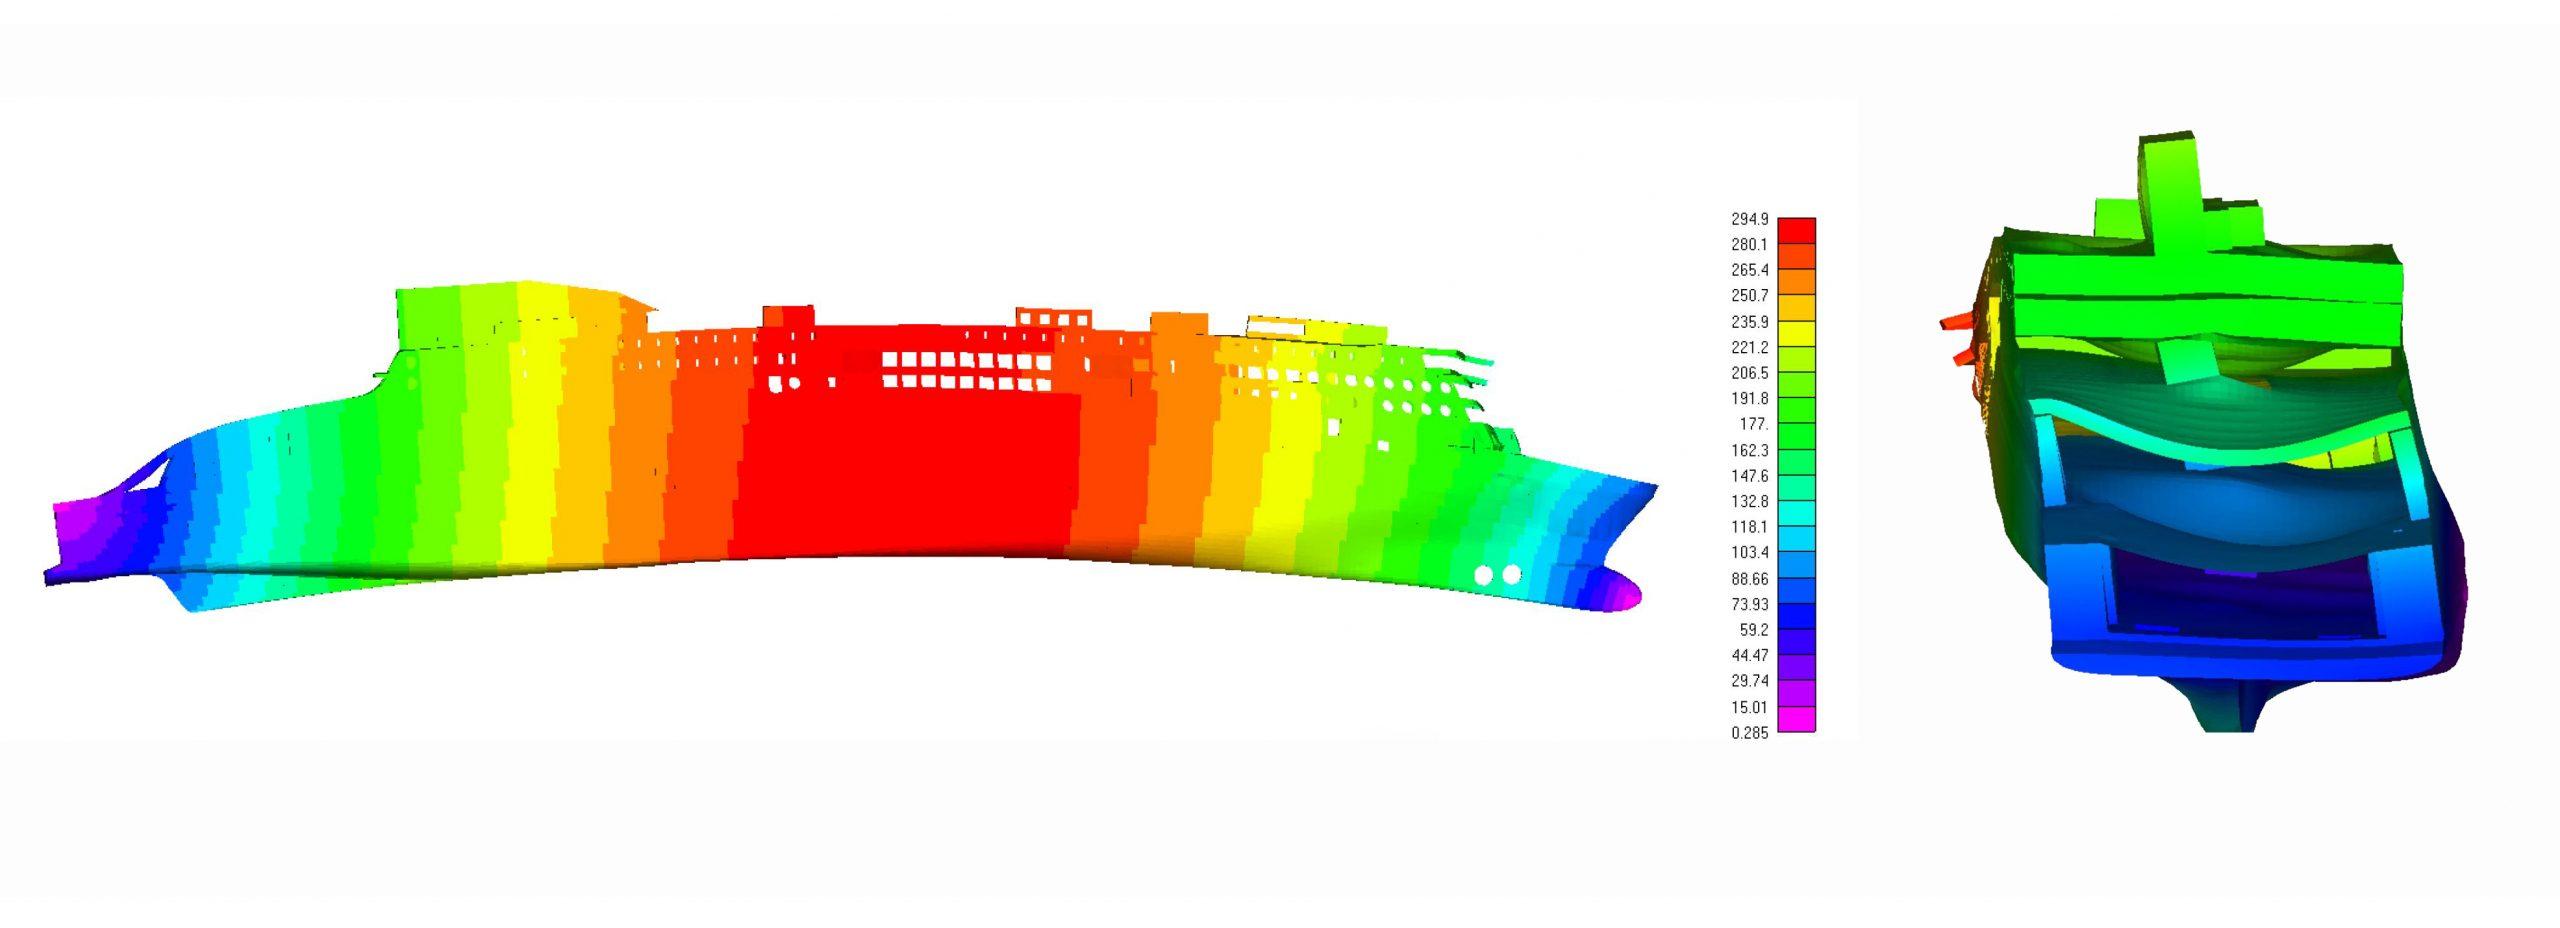 Deltamarin digital design tool modellings